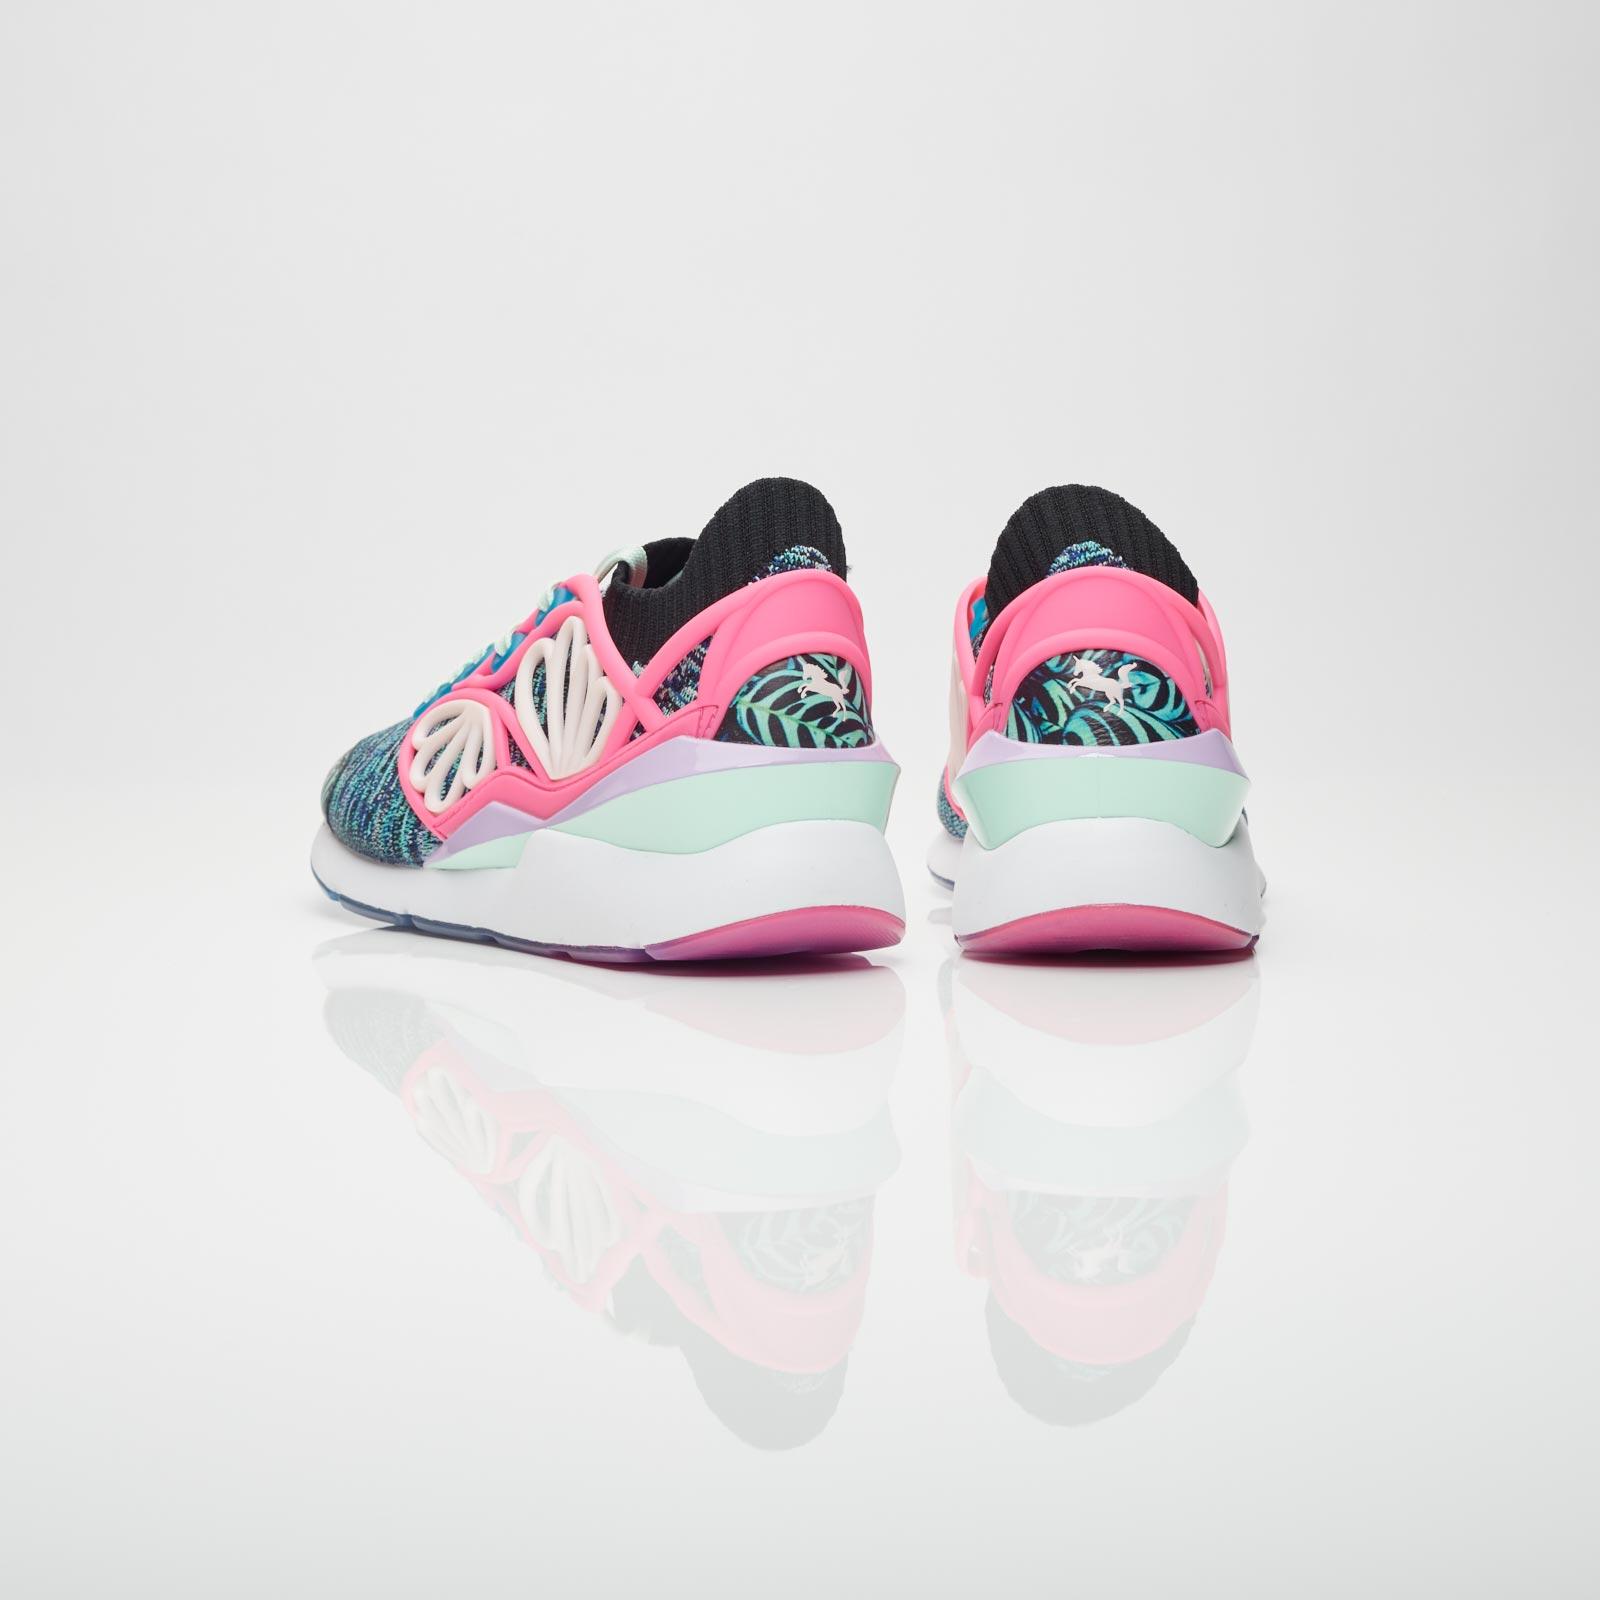 on sale 97d7f d20ec Puma Pearl Cage Graphic Wns x Sophia Webster - 364743-01 - Sneakersnstuff    sneakers   streetwear en ligne depuis 1999